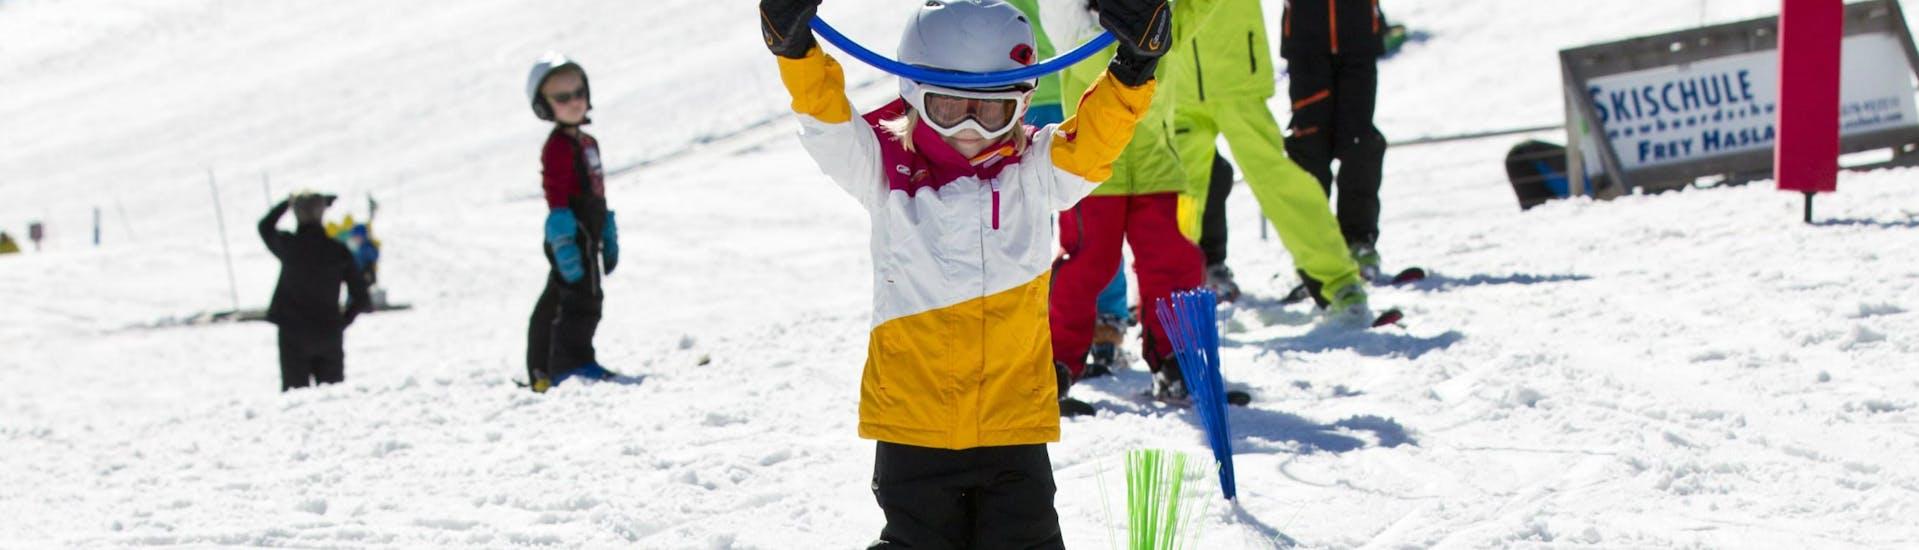 Cours de ski Enfants pour Tous niveaux avec Kristall Schischule - Hero image